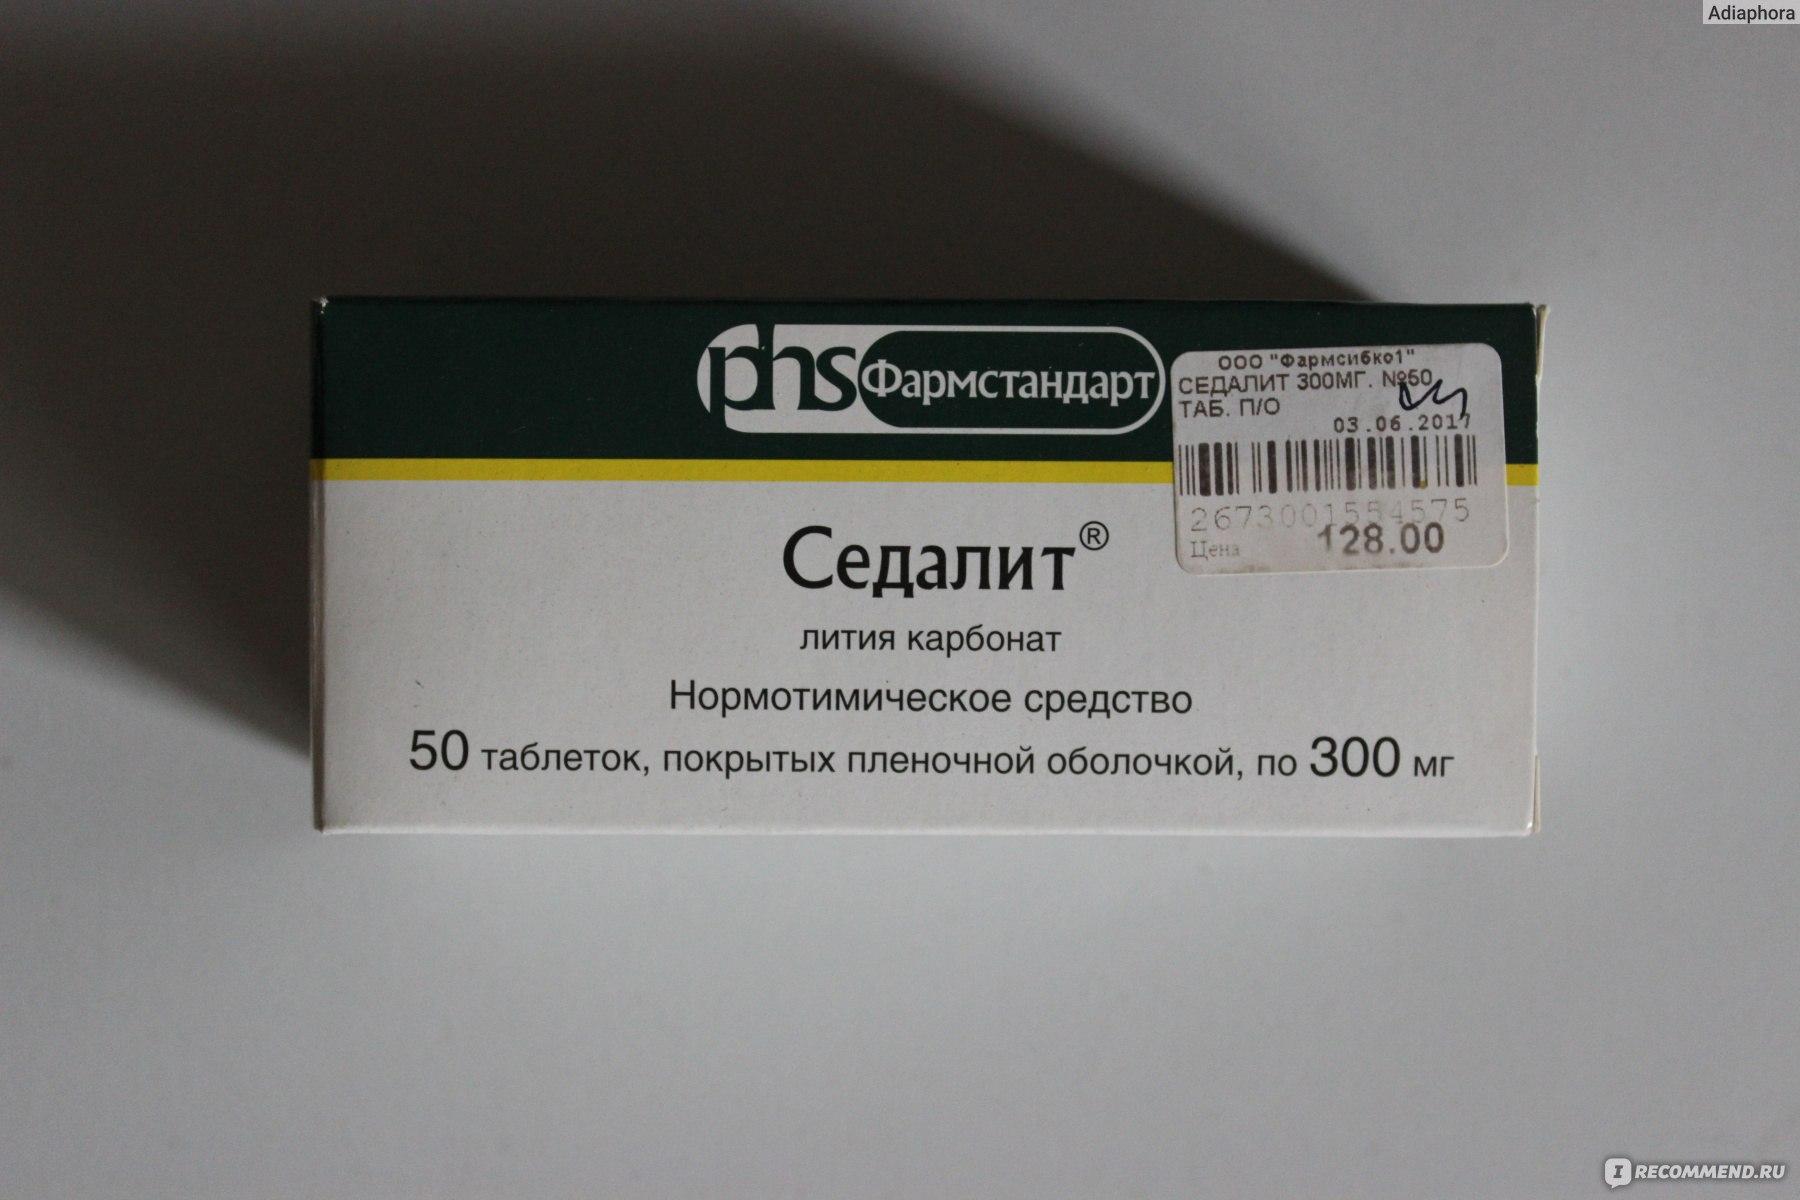 Седалит                                             (sedalit)